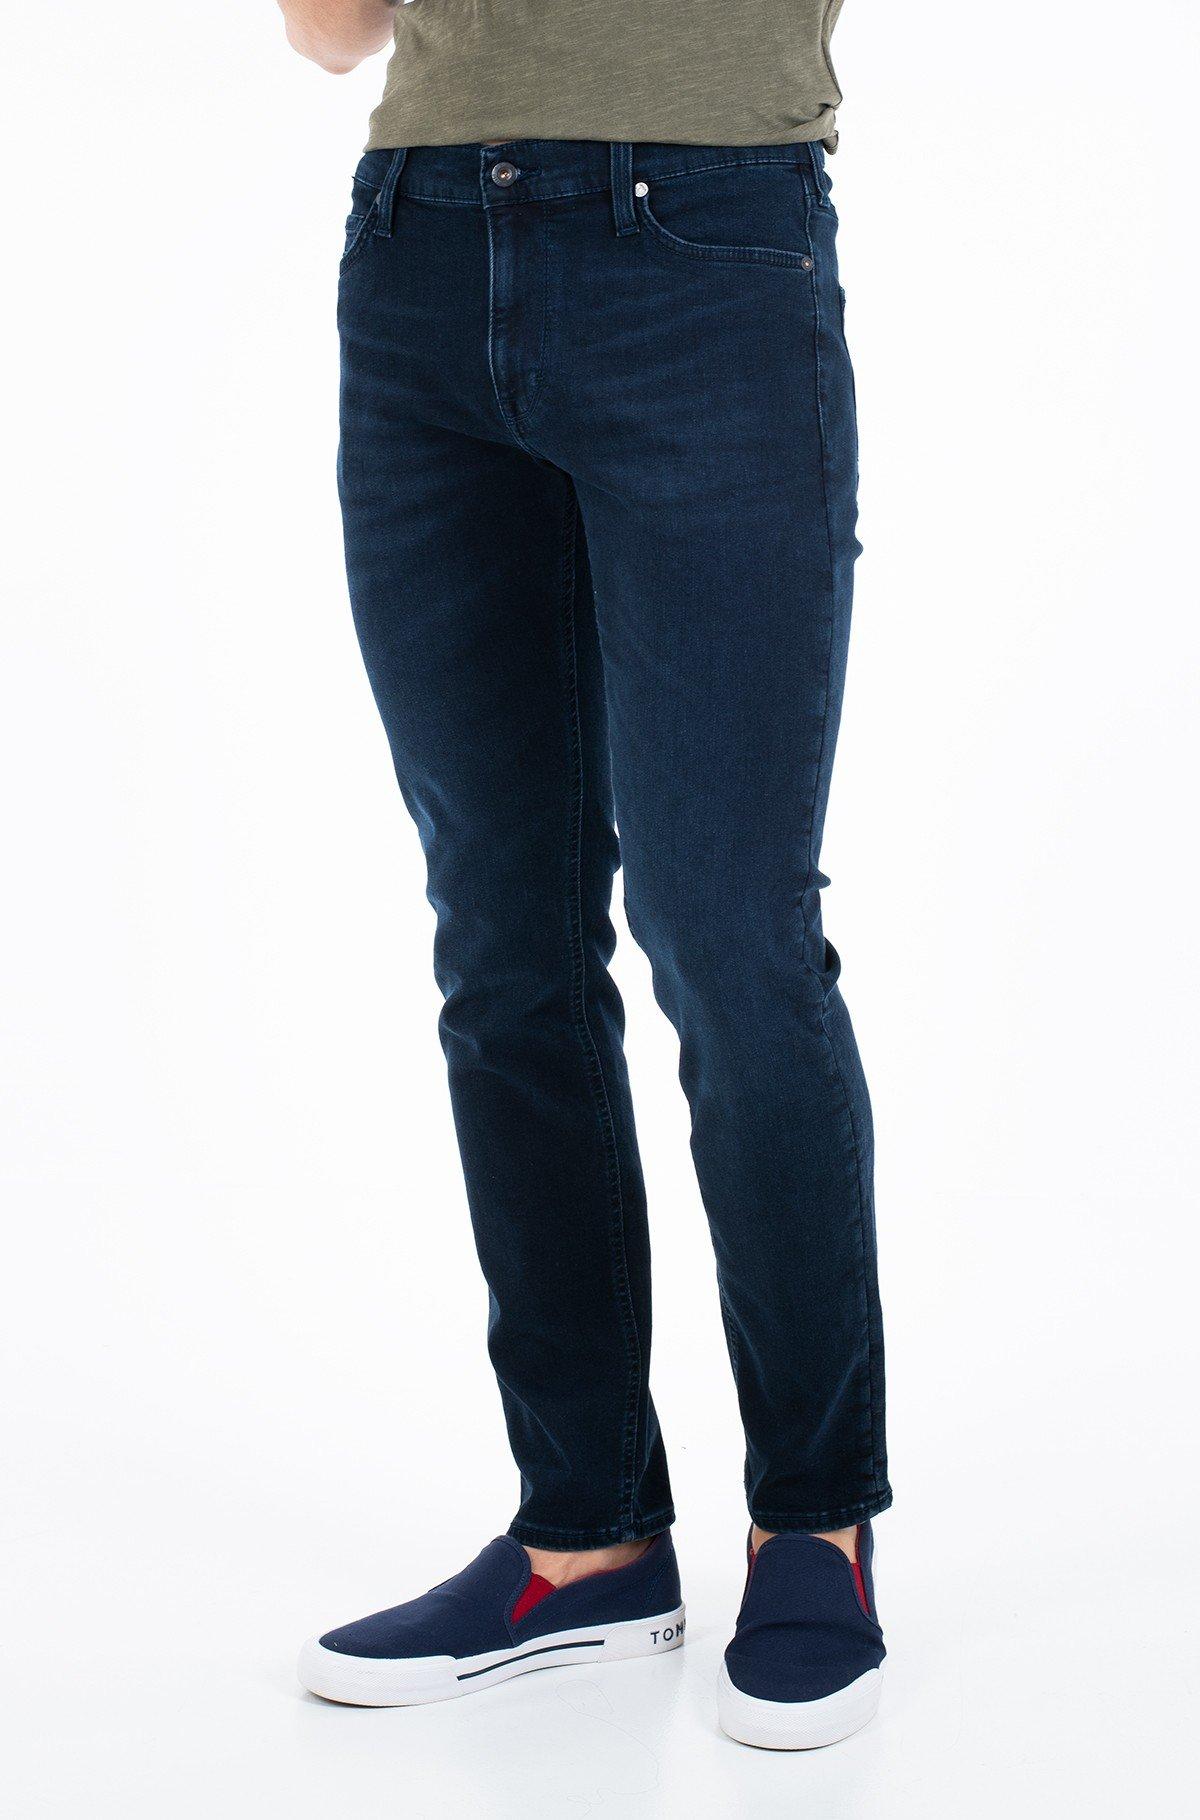 Jeans 1009161-full-1